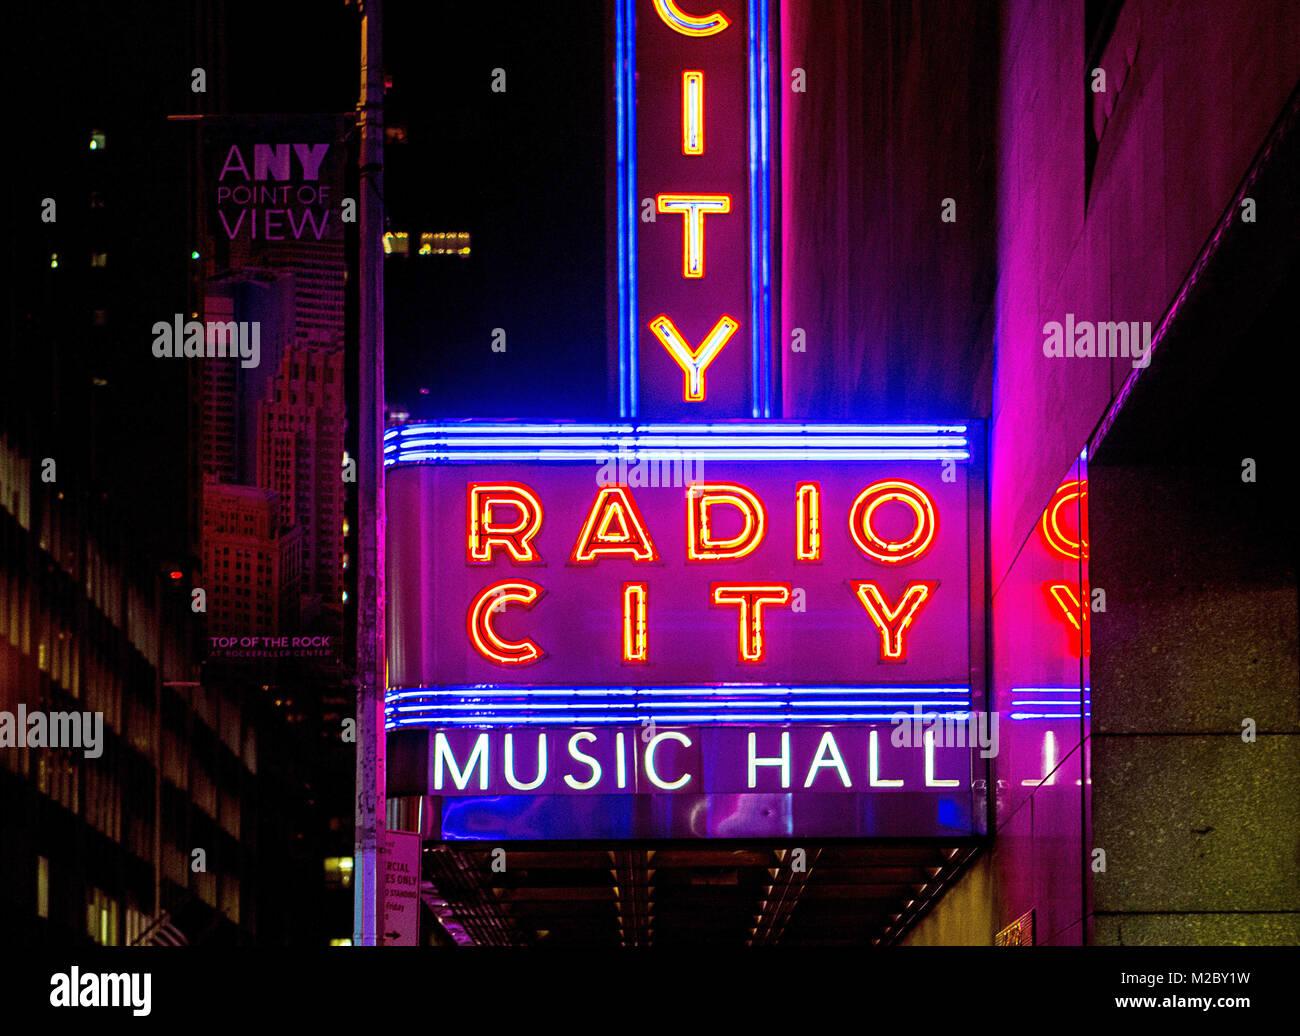 En dehors de néons de Radio City Music Hall de New York, USA, Photo Stock